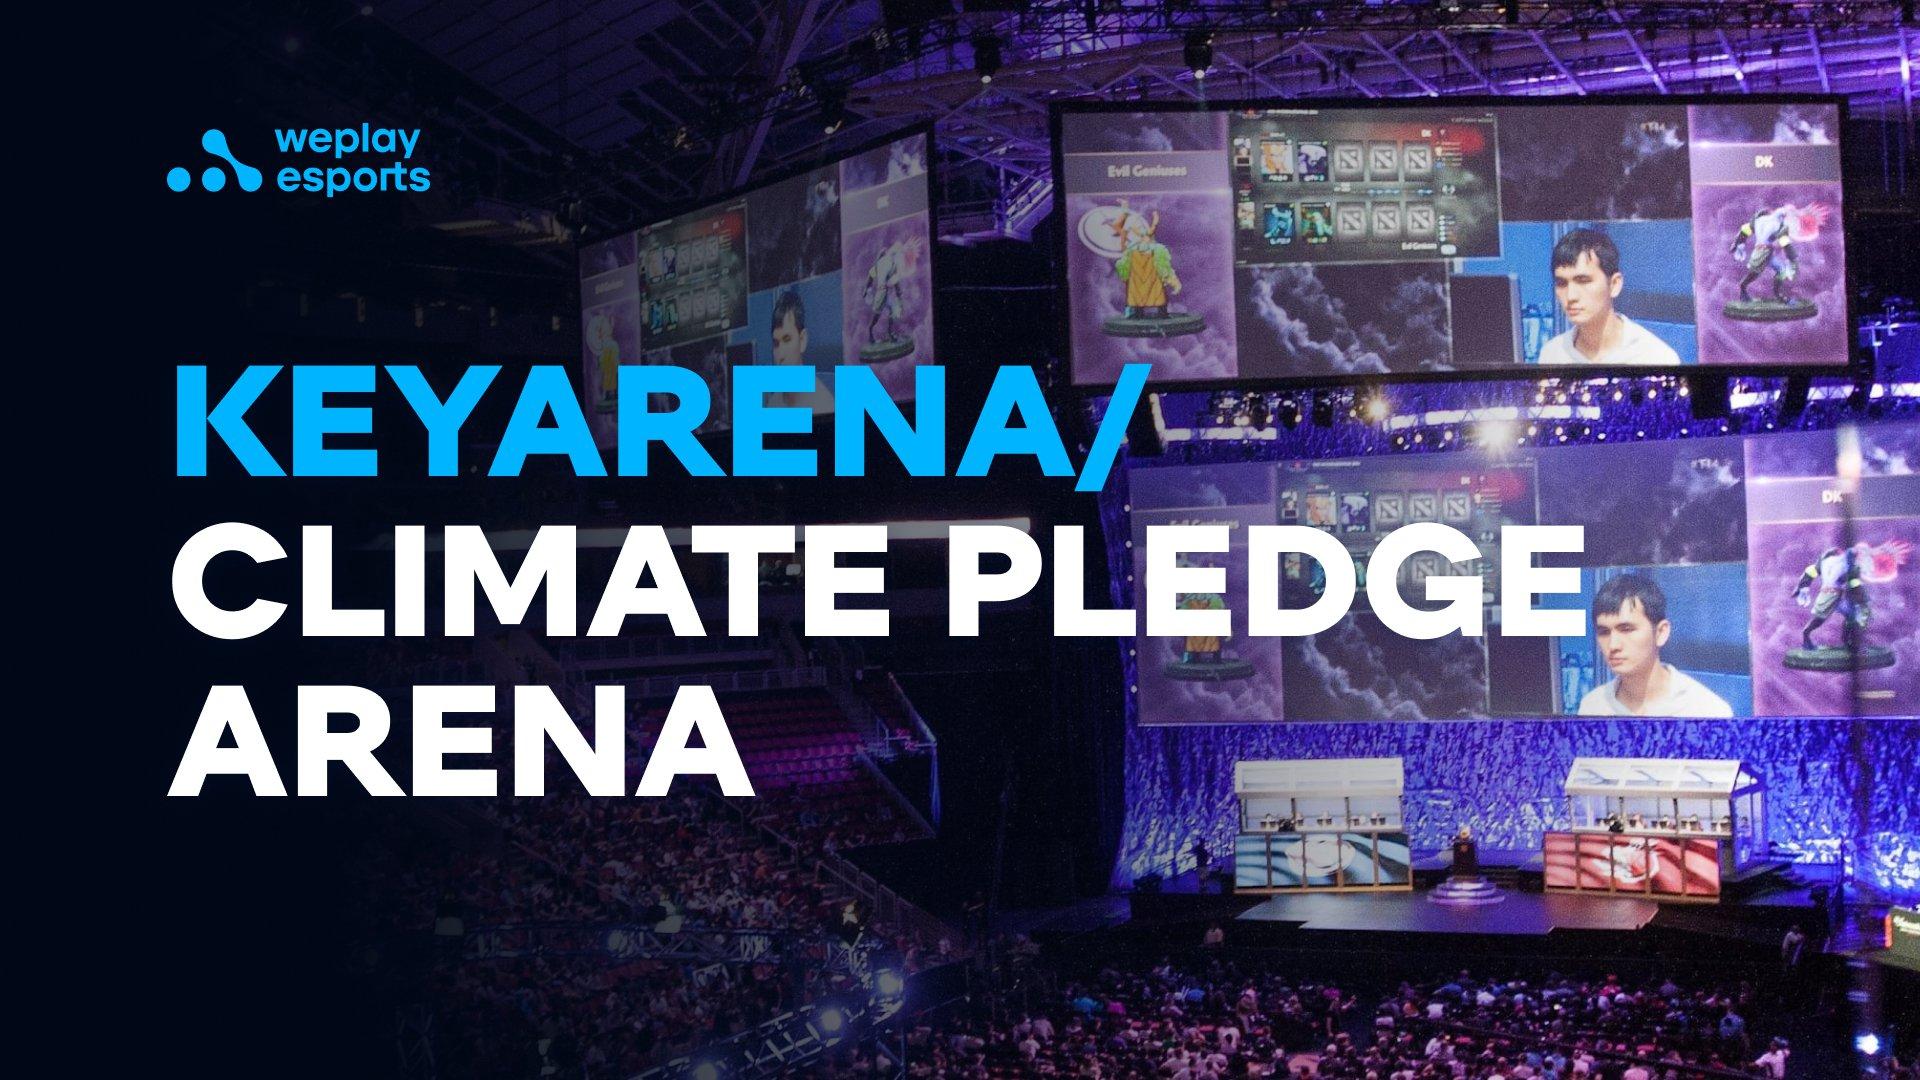 KeyArena/Climate Pledge Arena